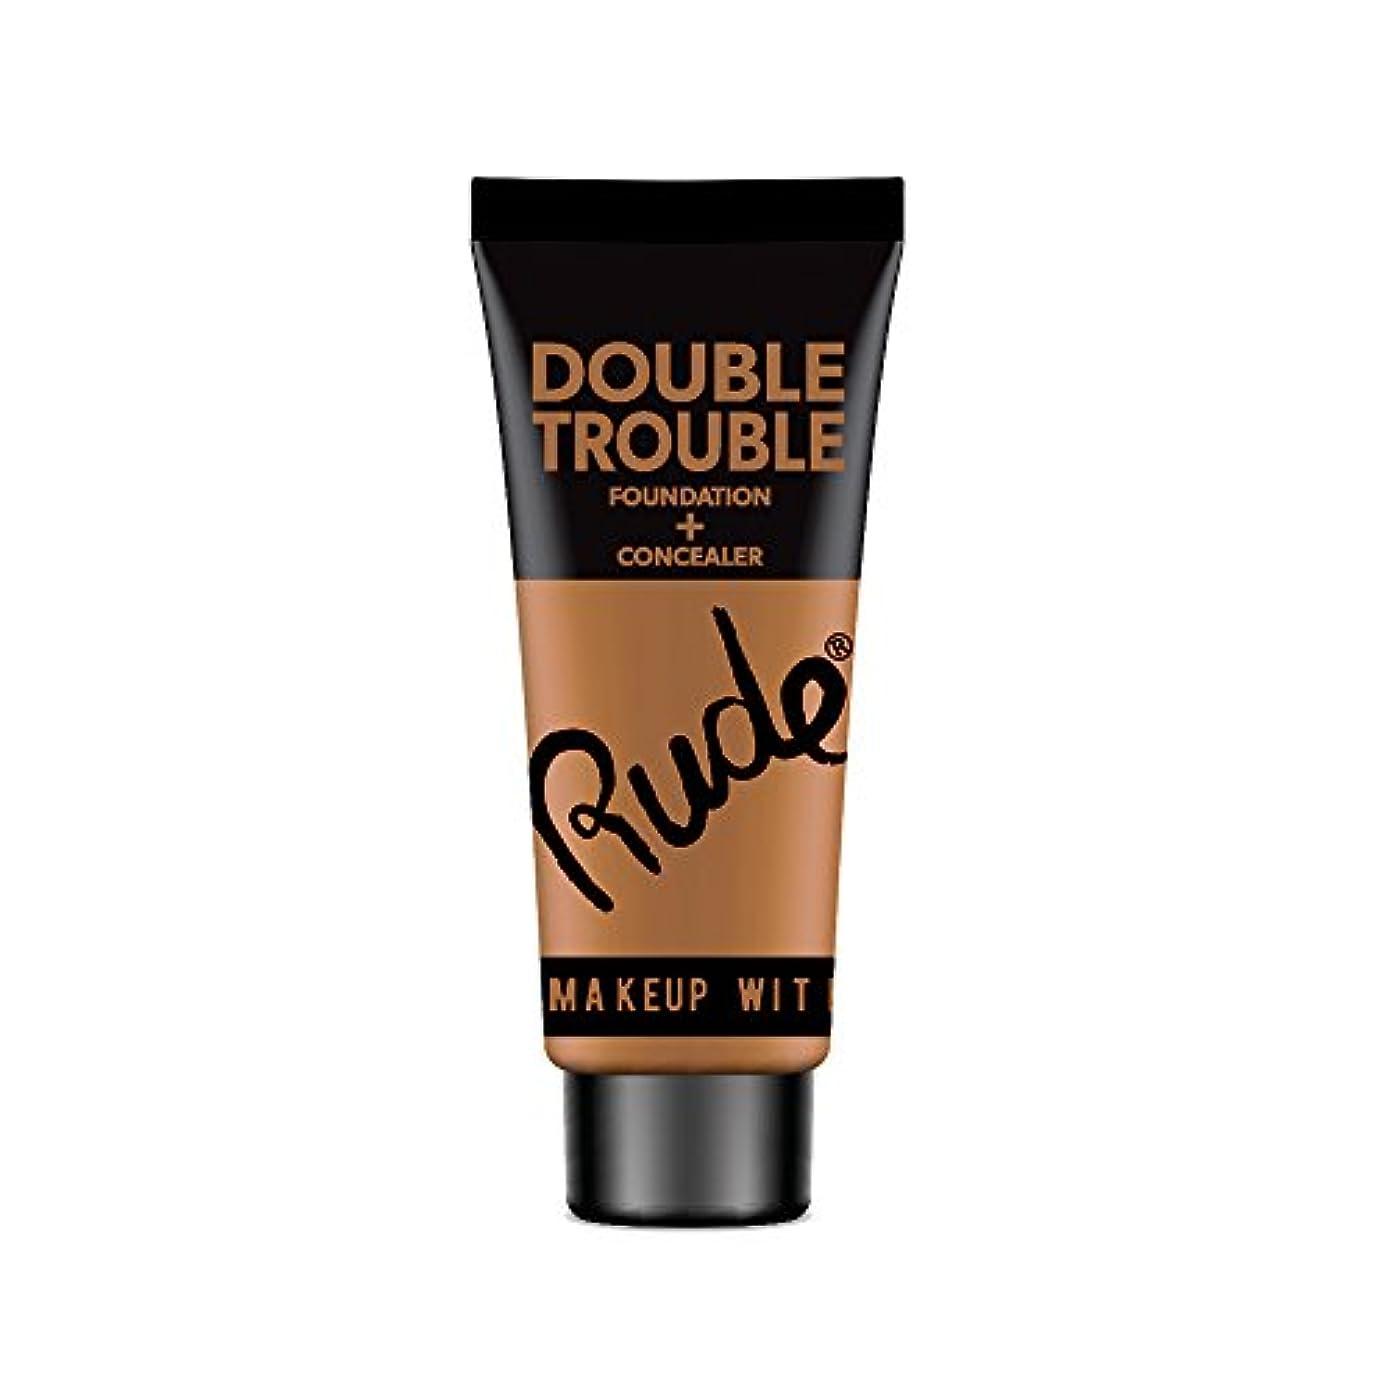 従順過度に失態(3 Pack) RUDE Double Trouble Foundation + Concealer - Walnut (並行輸入品)